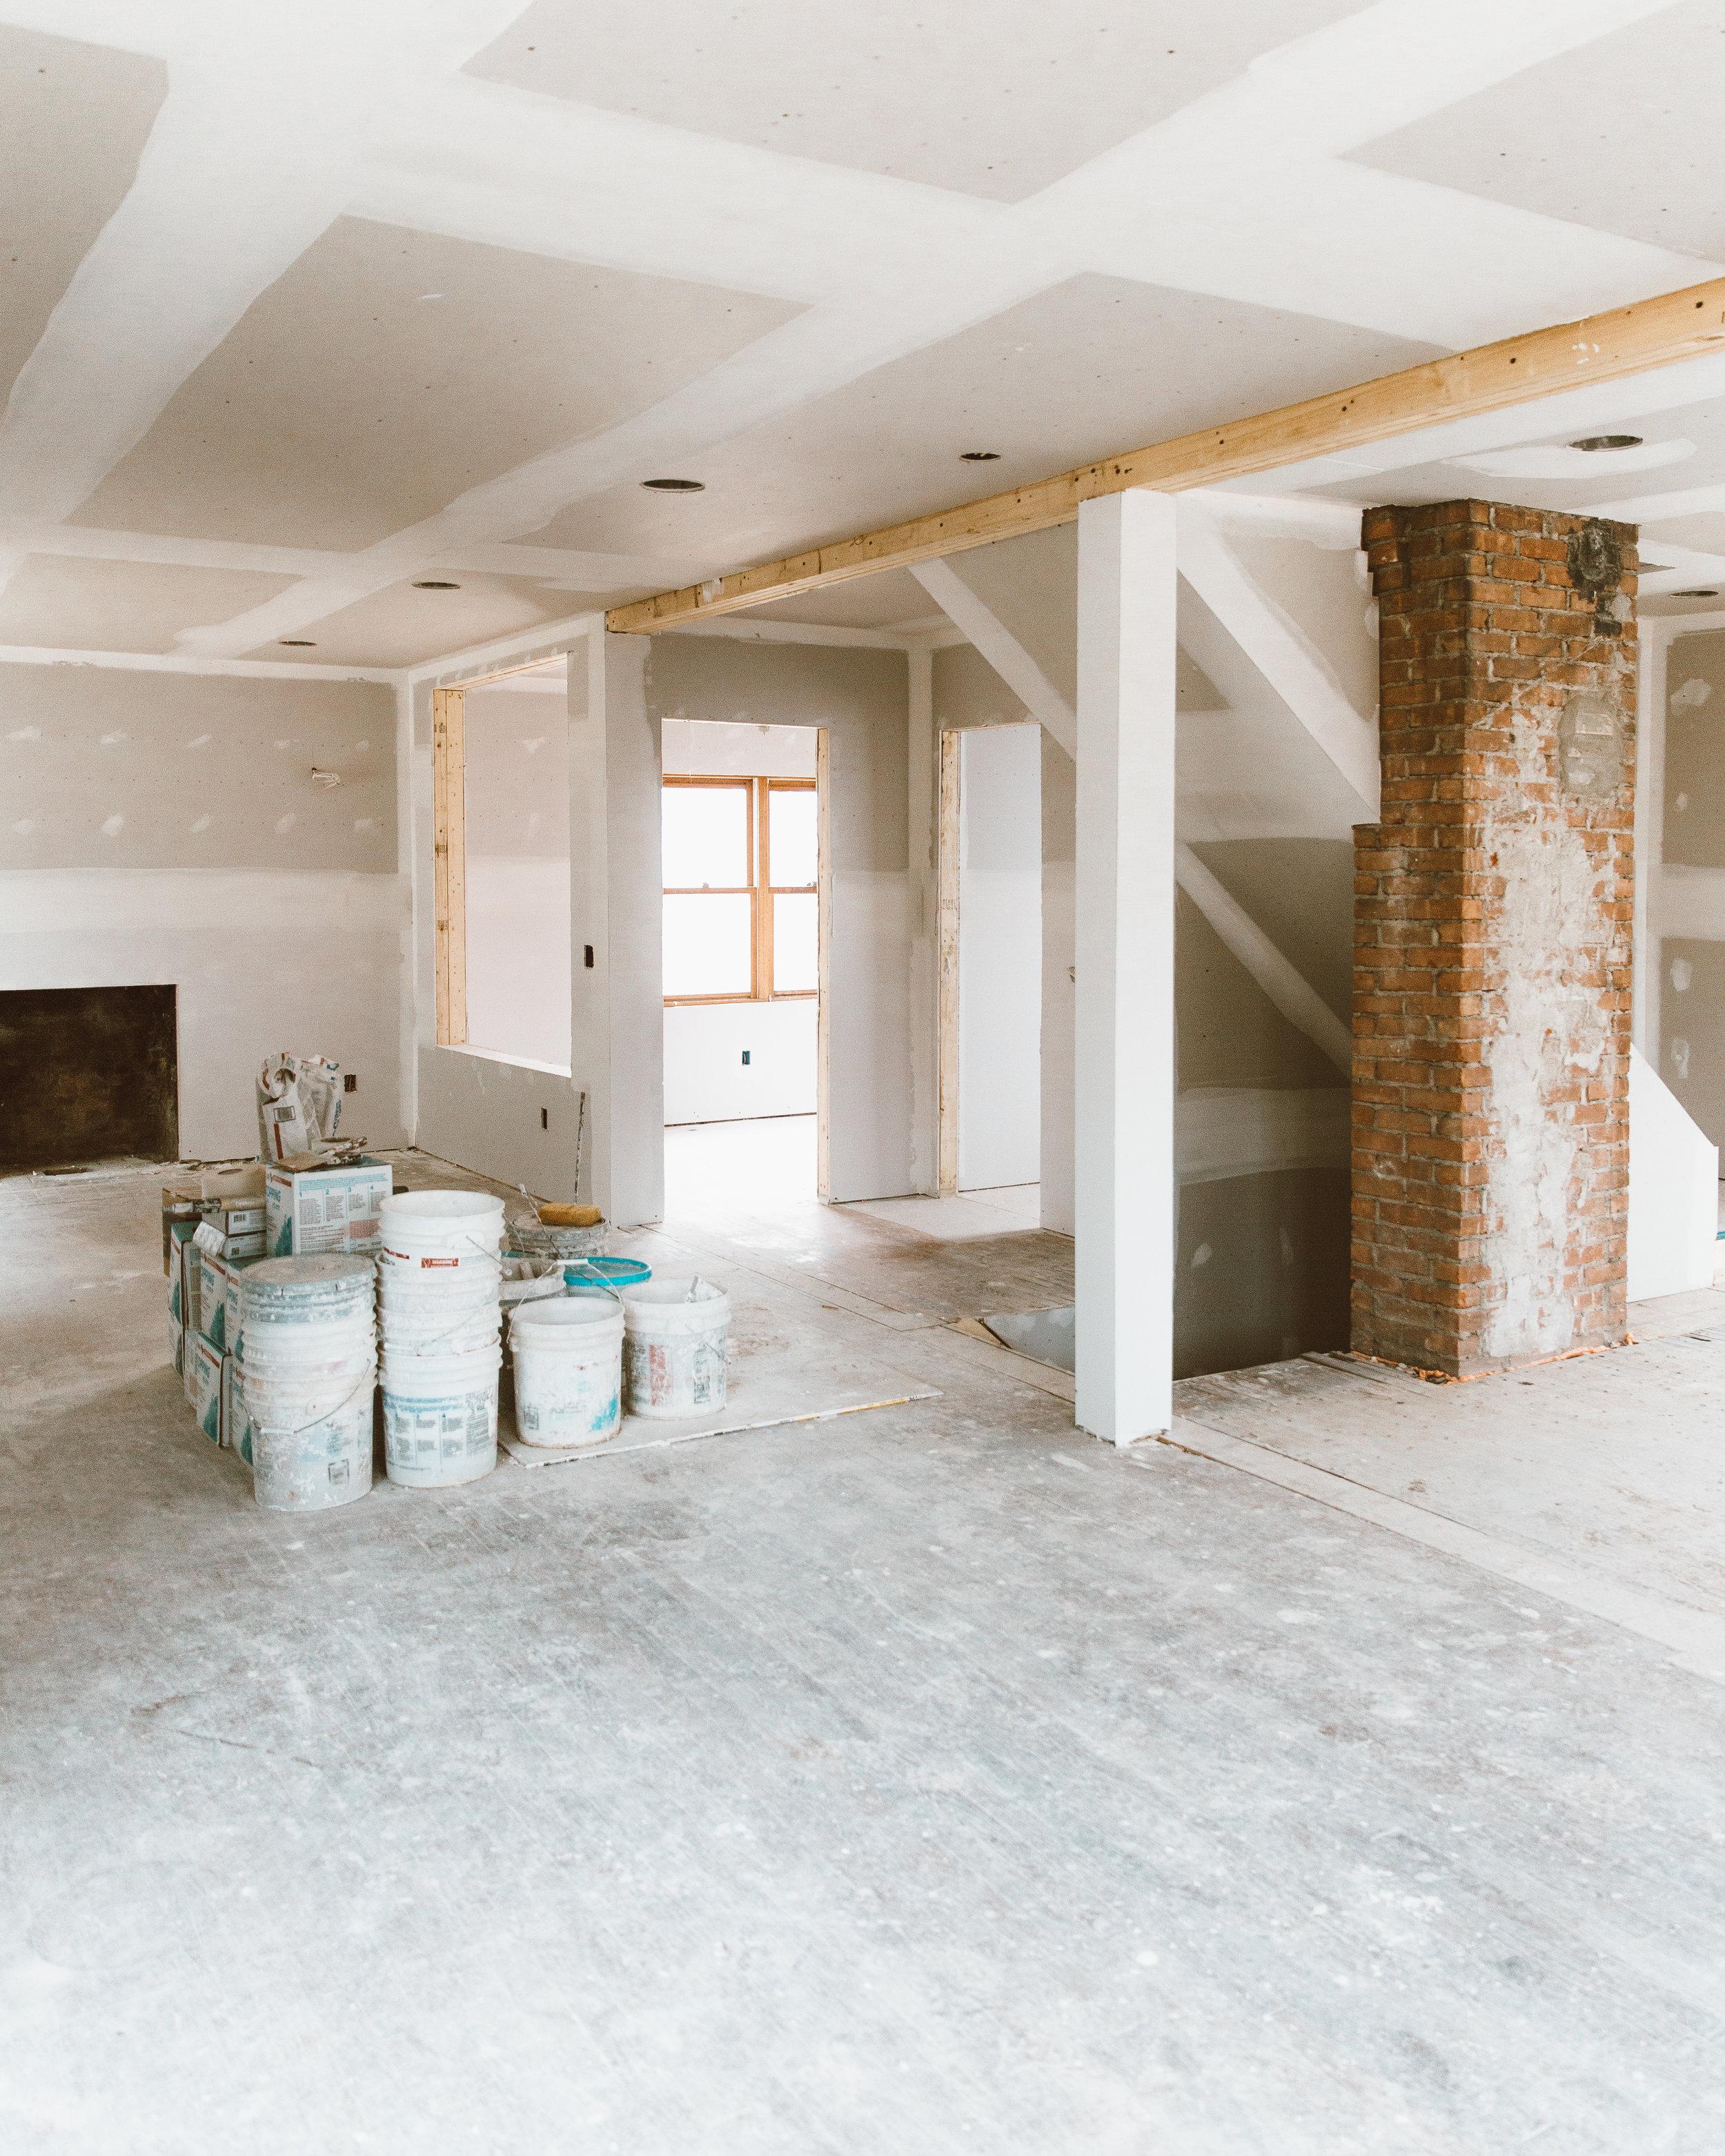 forthehome-renovation-drywall0001.jpeg